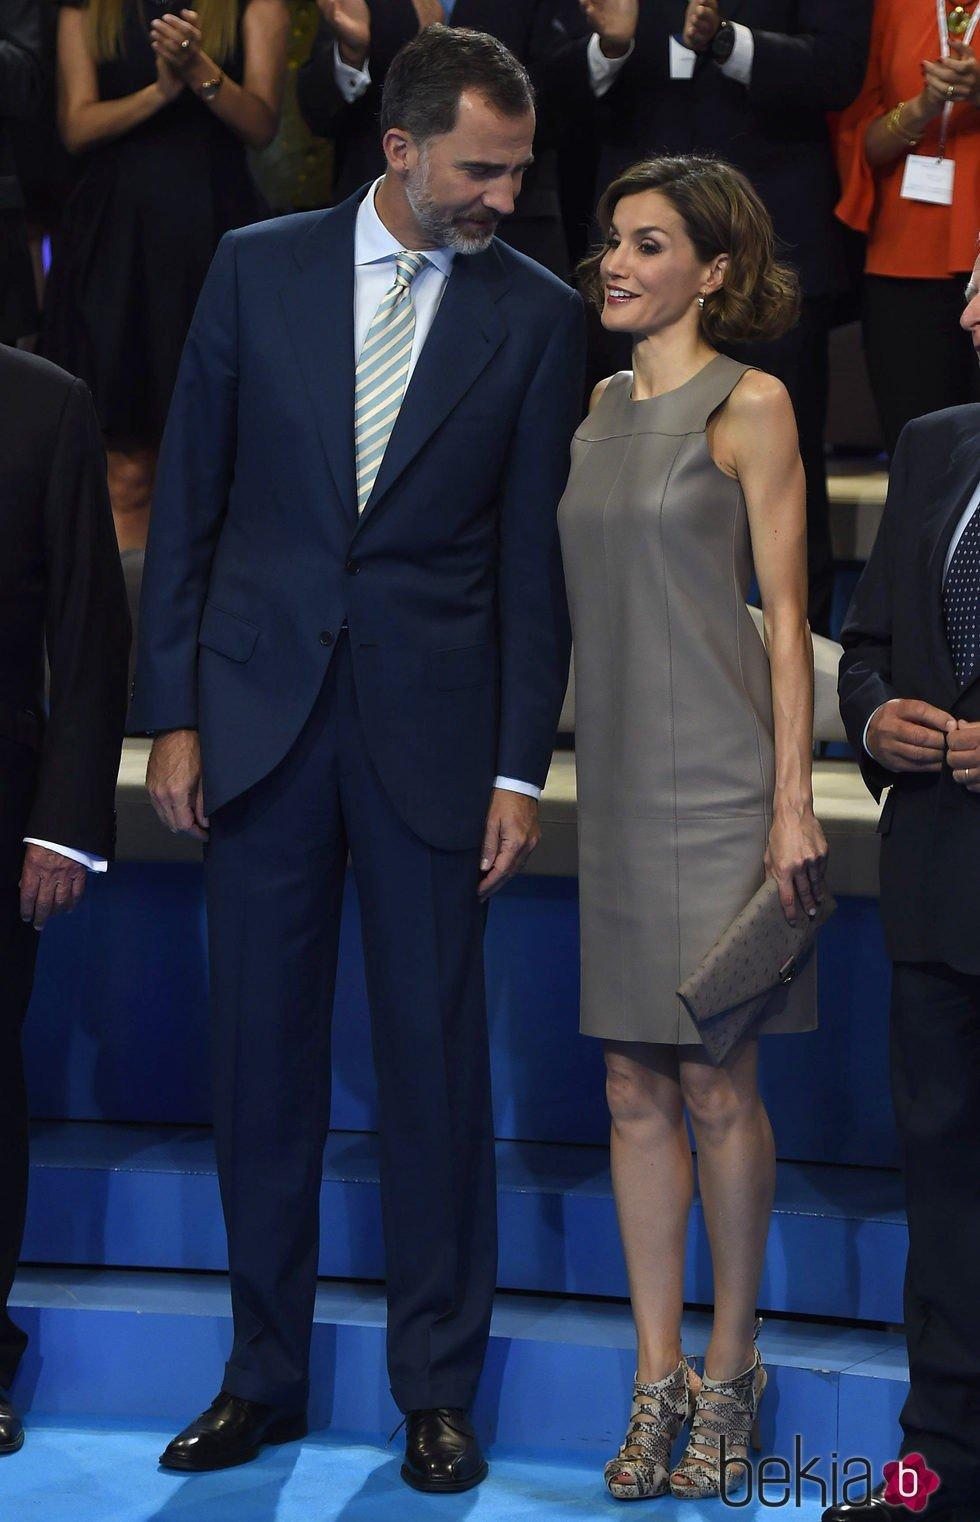 El Rey Felipe VI y la Reina Letizia muy cómplices en la visita a Mediaset